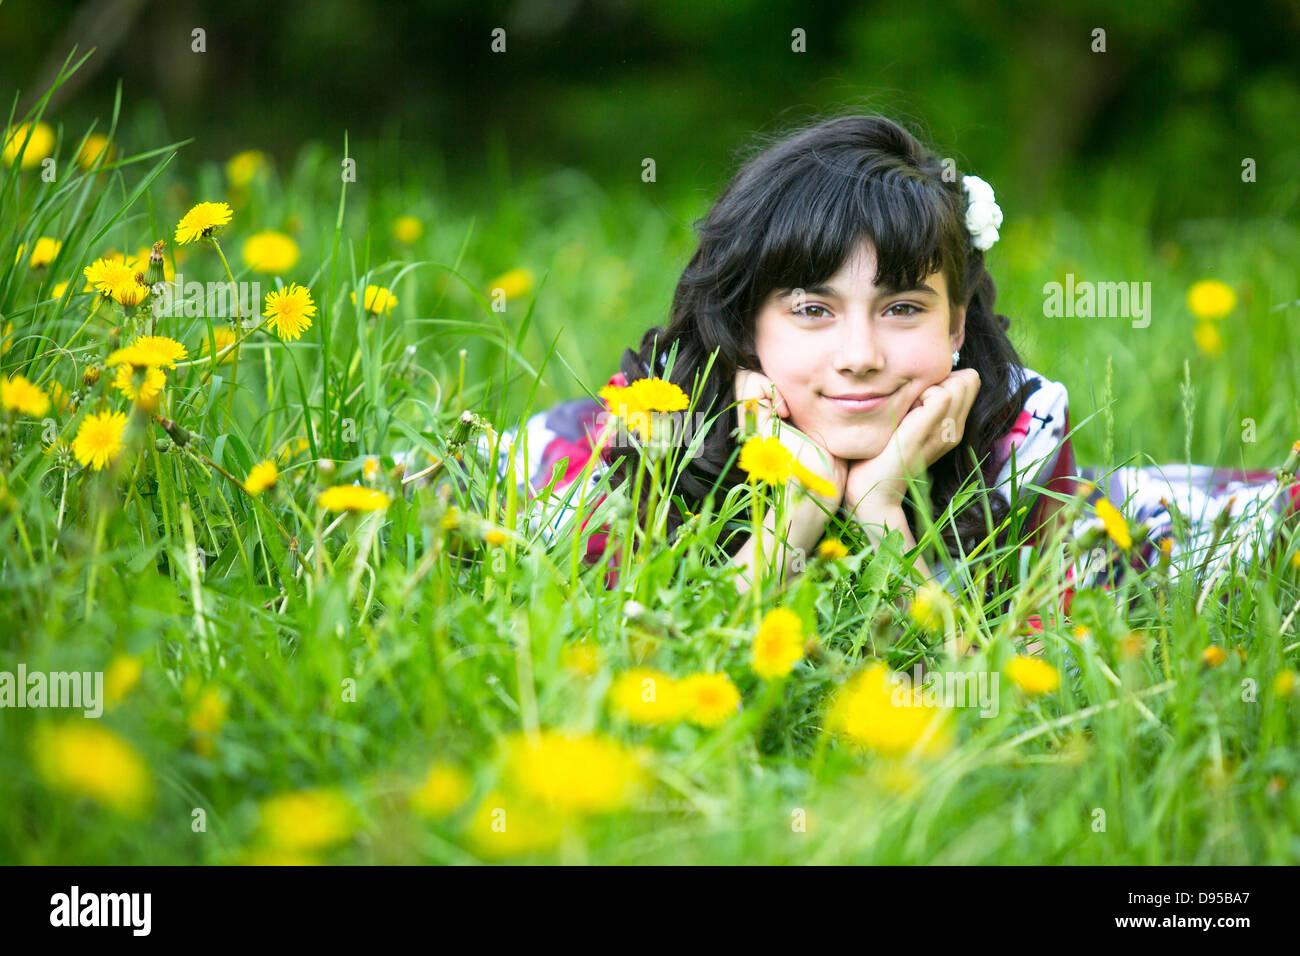 Porträt von einem Teen Girl in der Wiese liegend Stockbild